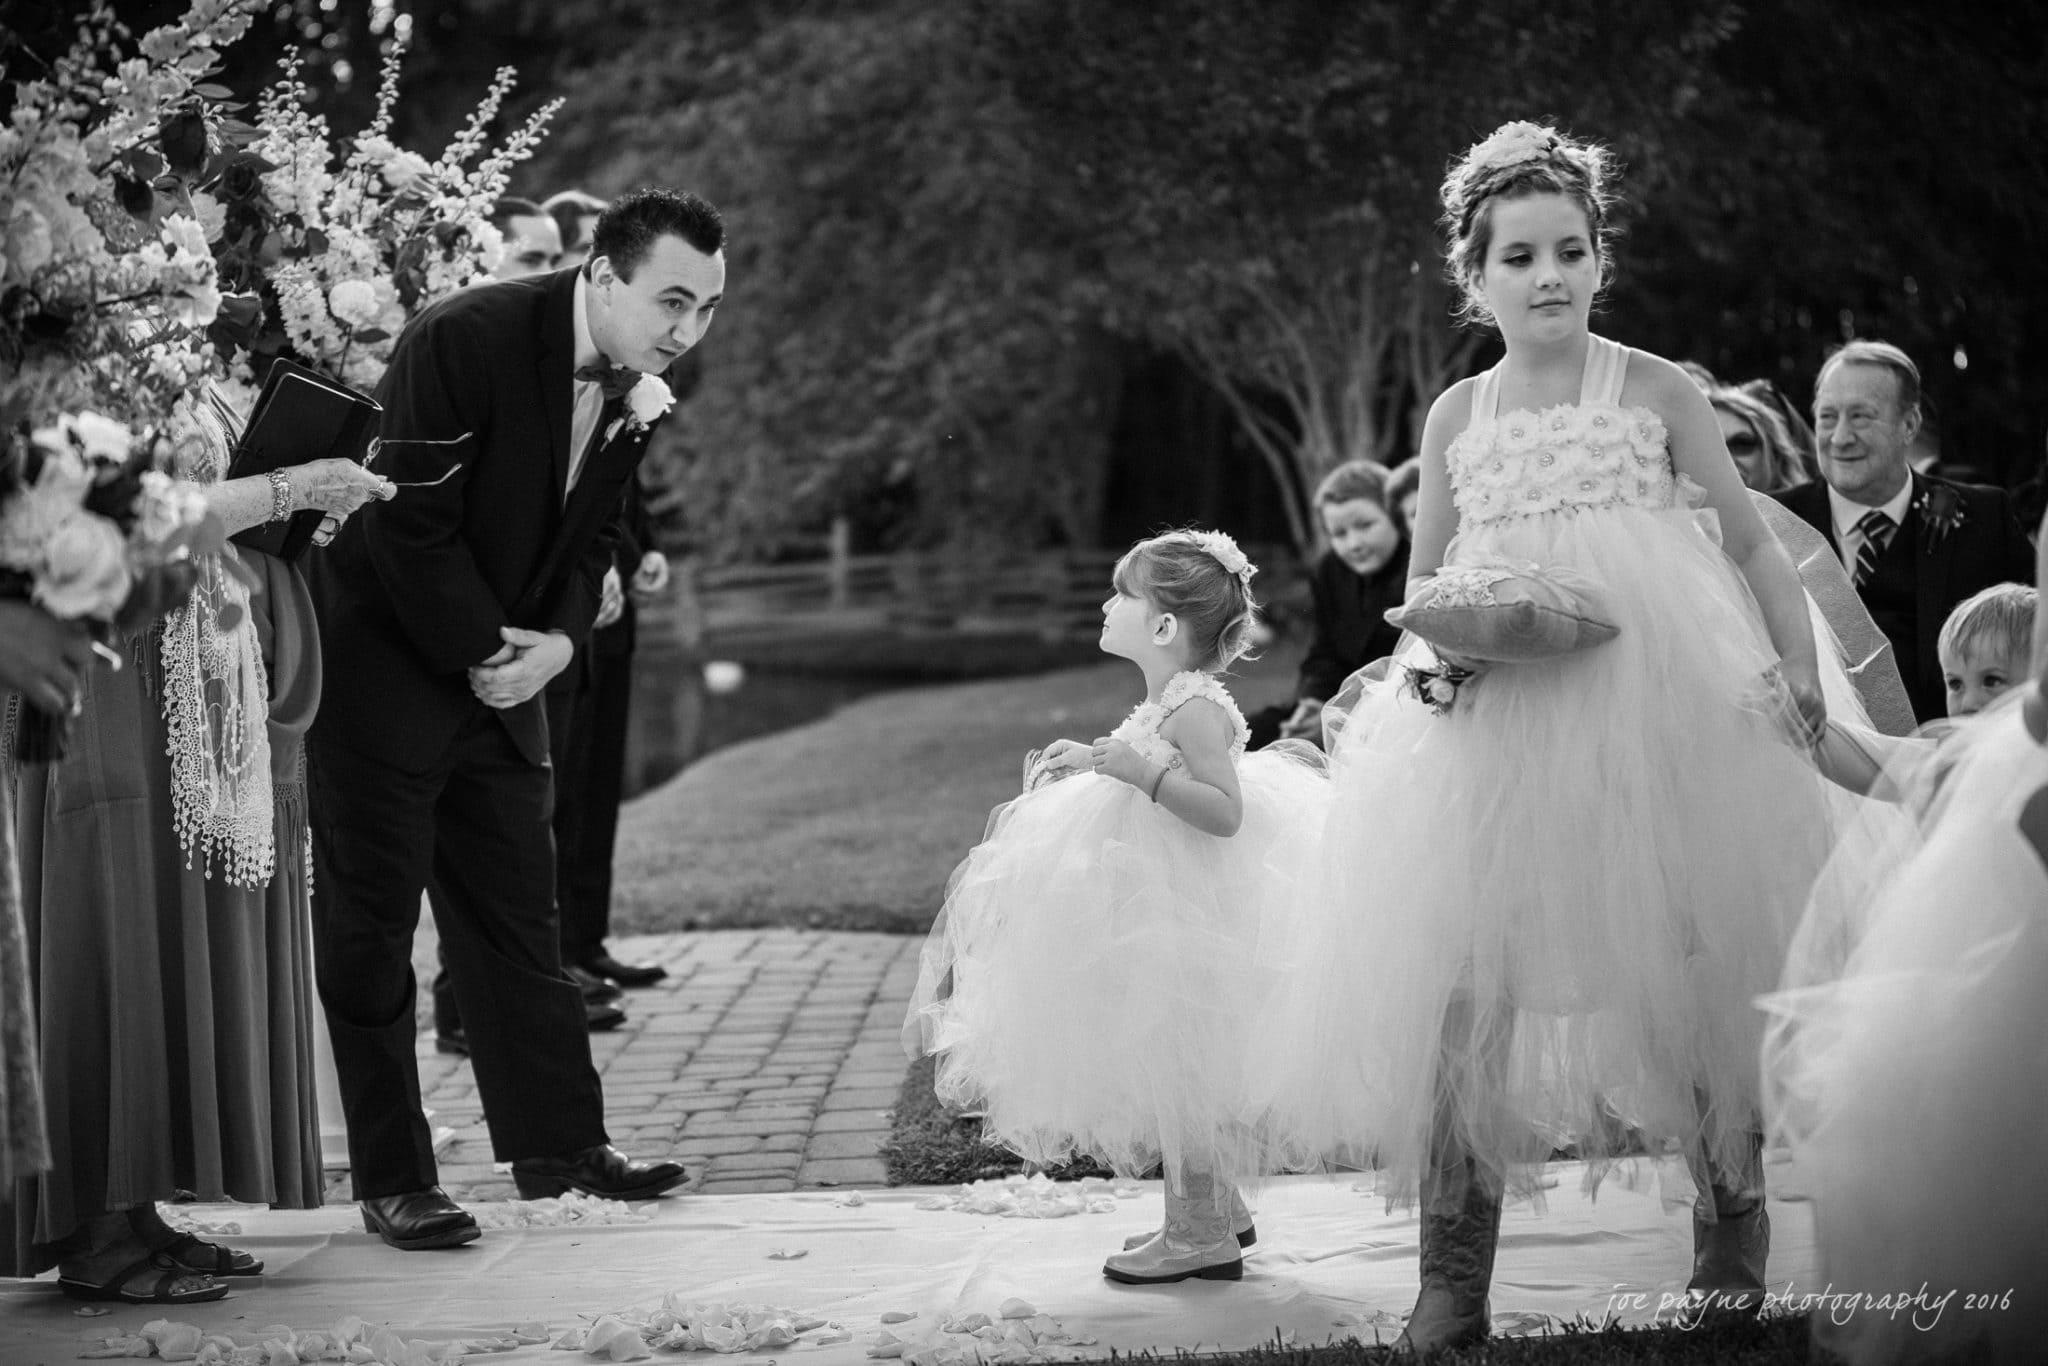 shady-wagon-farm-wedding-photography-danielle-josh-1-2